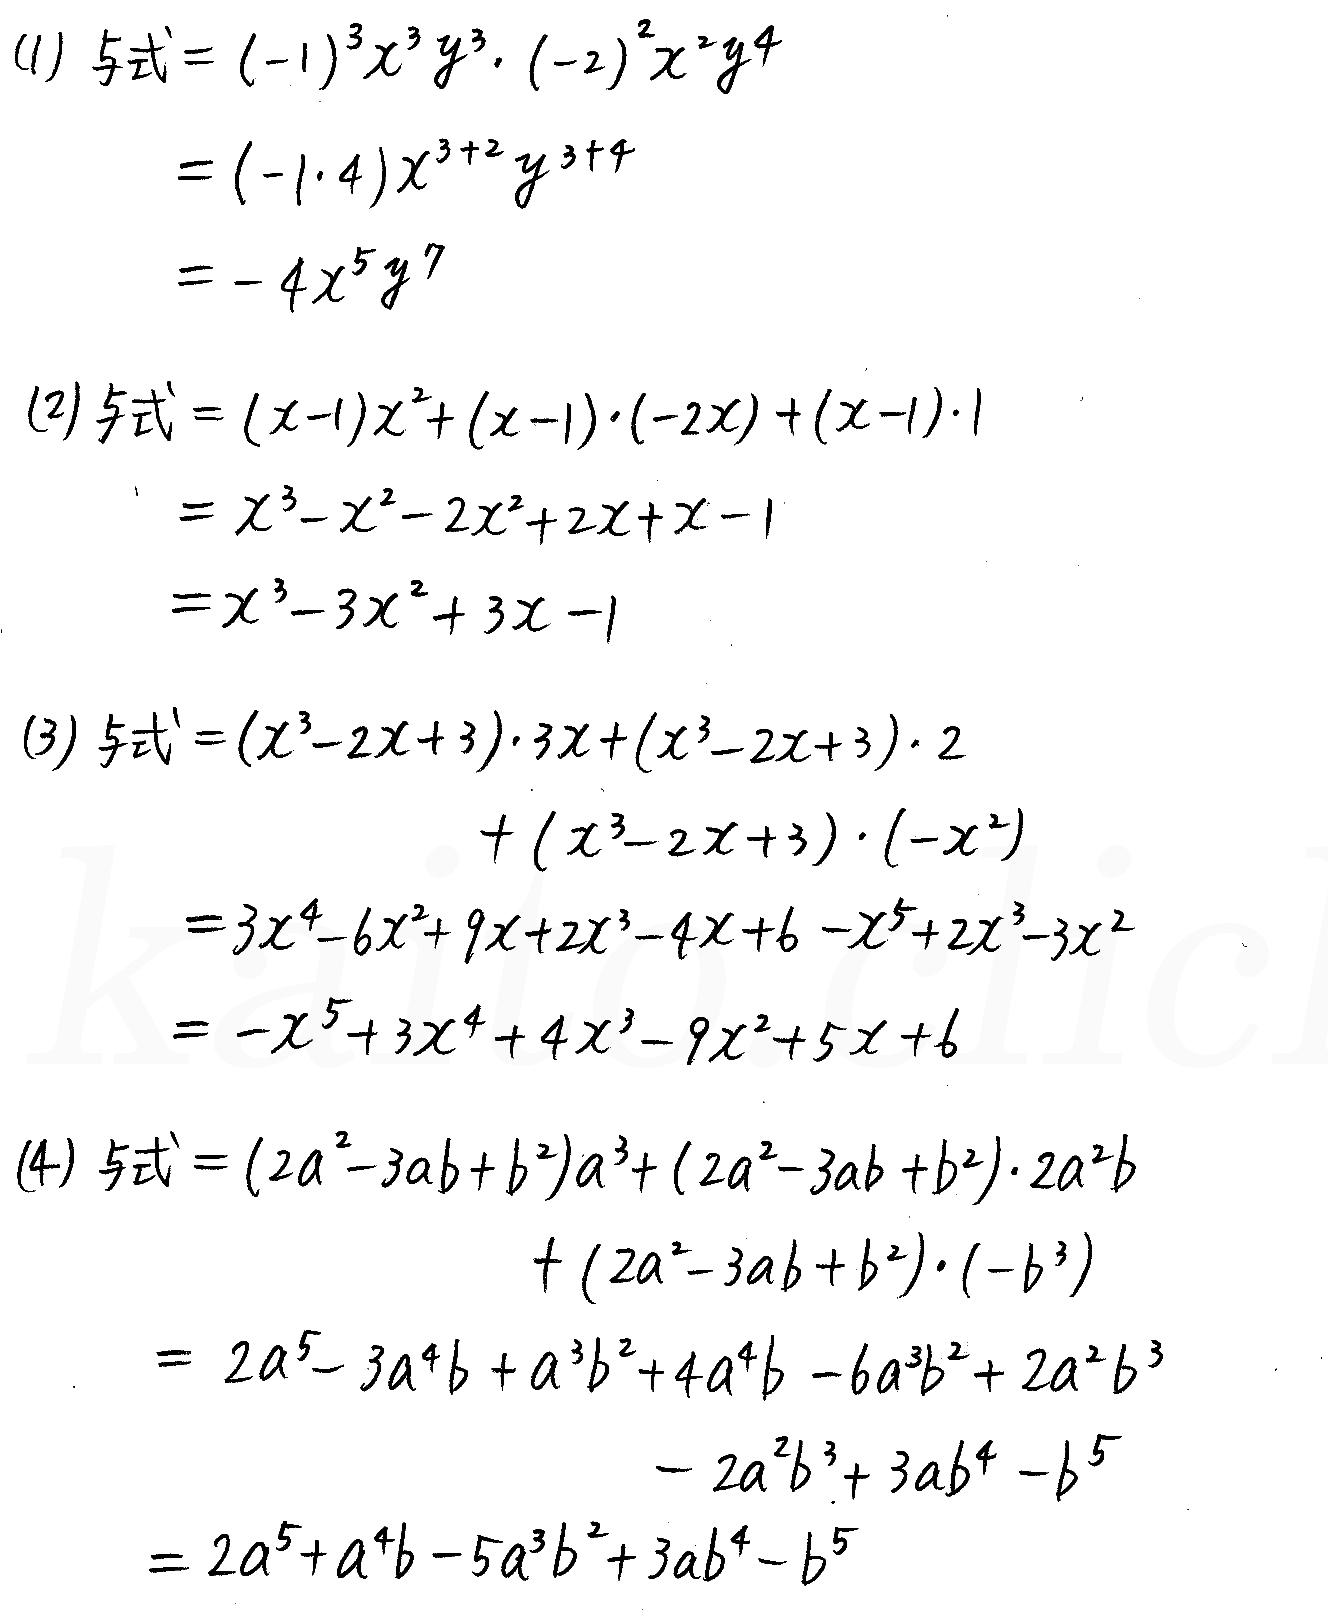 クリアー数学1-18解答